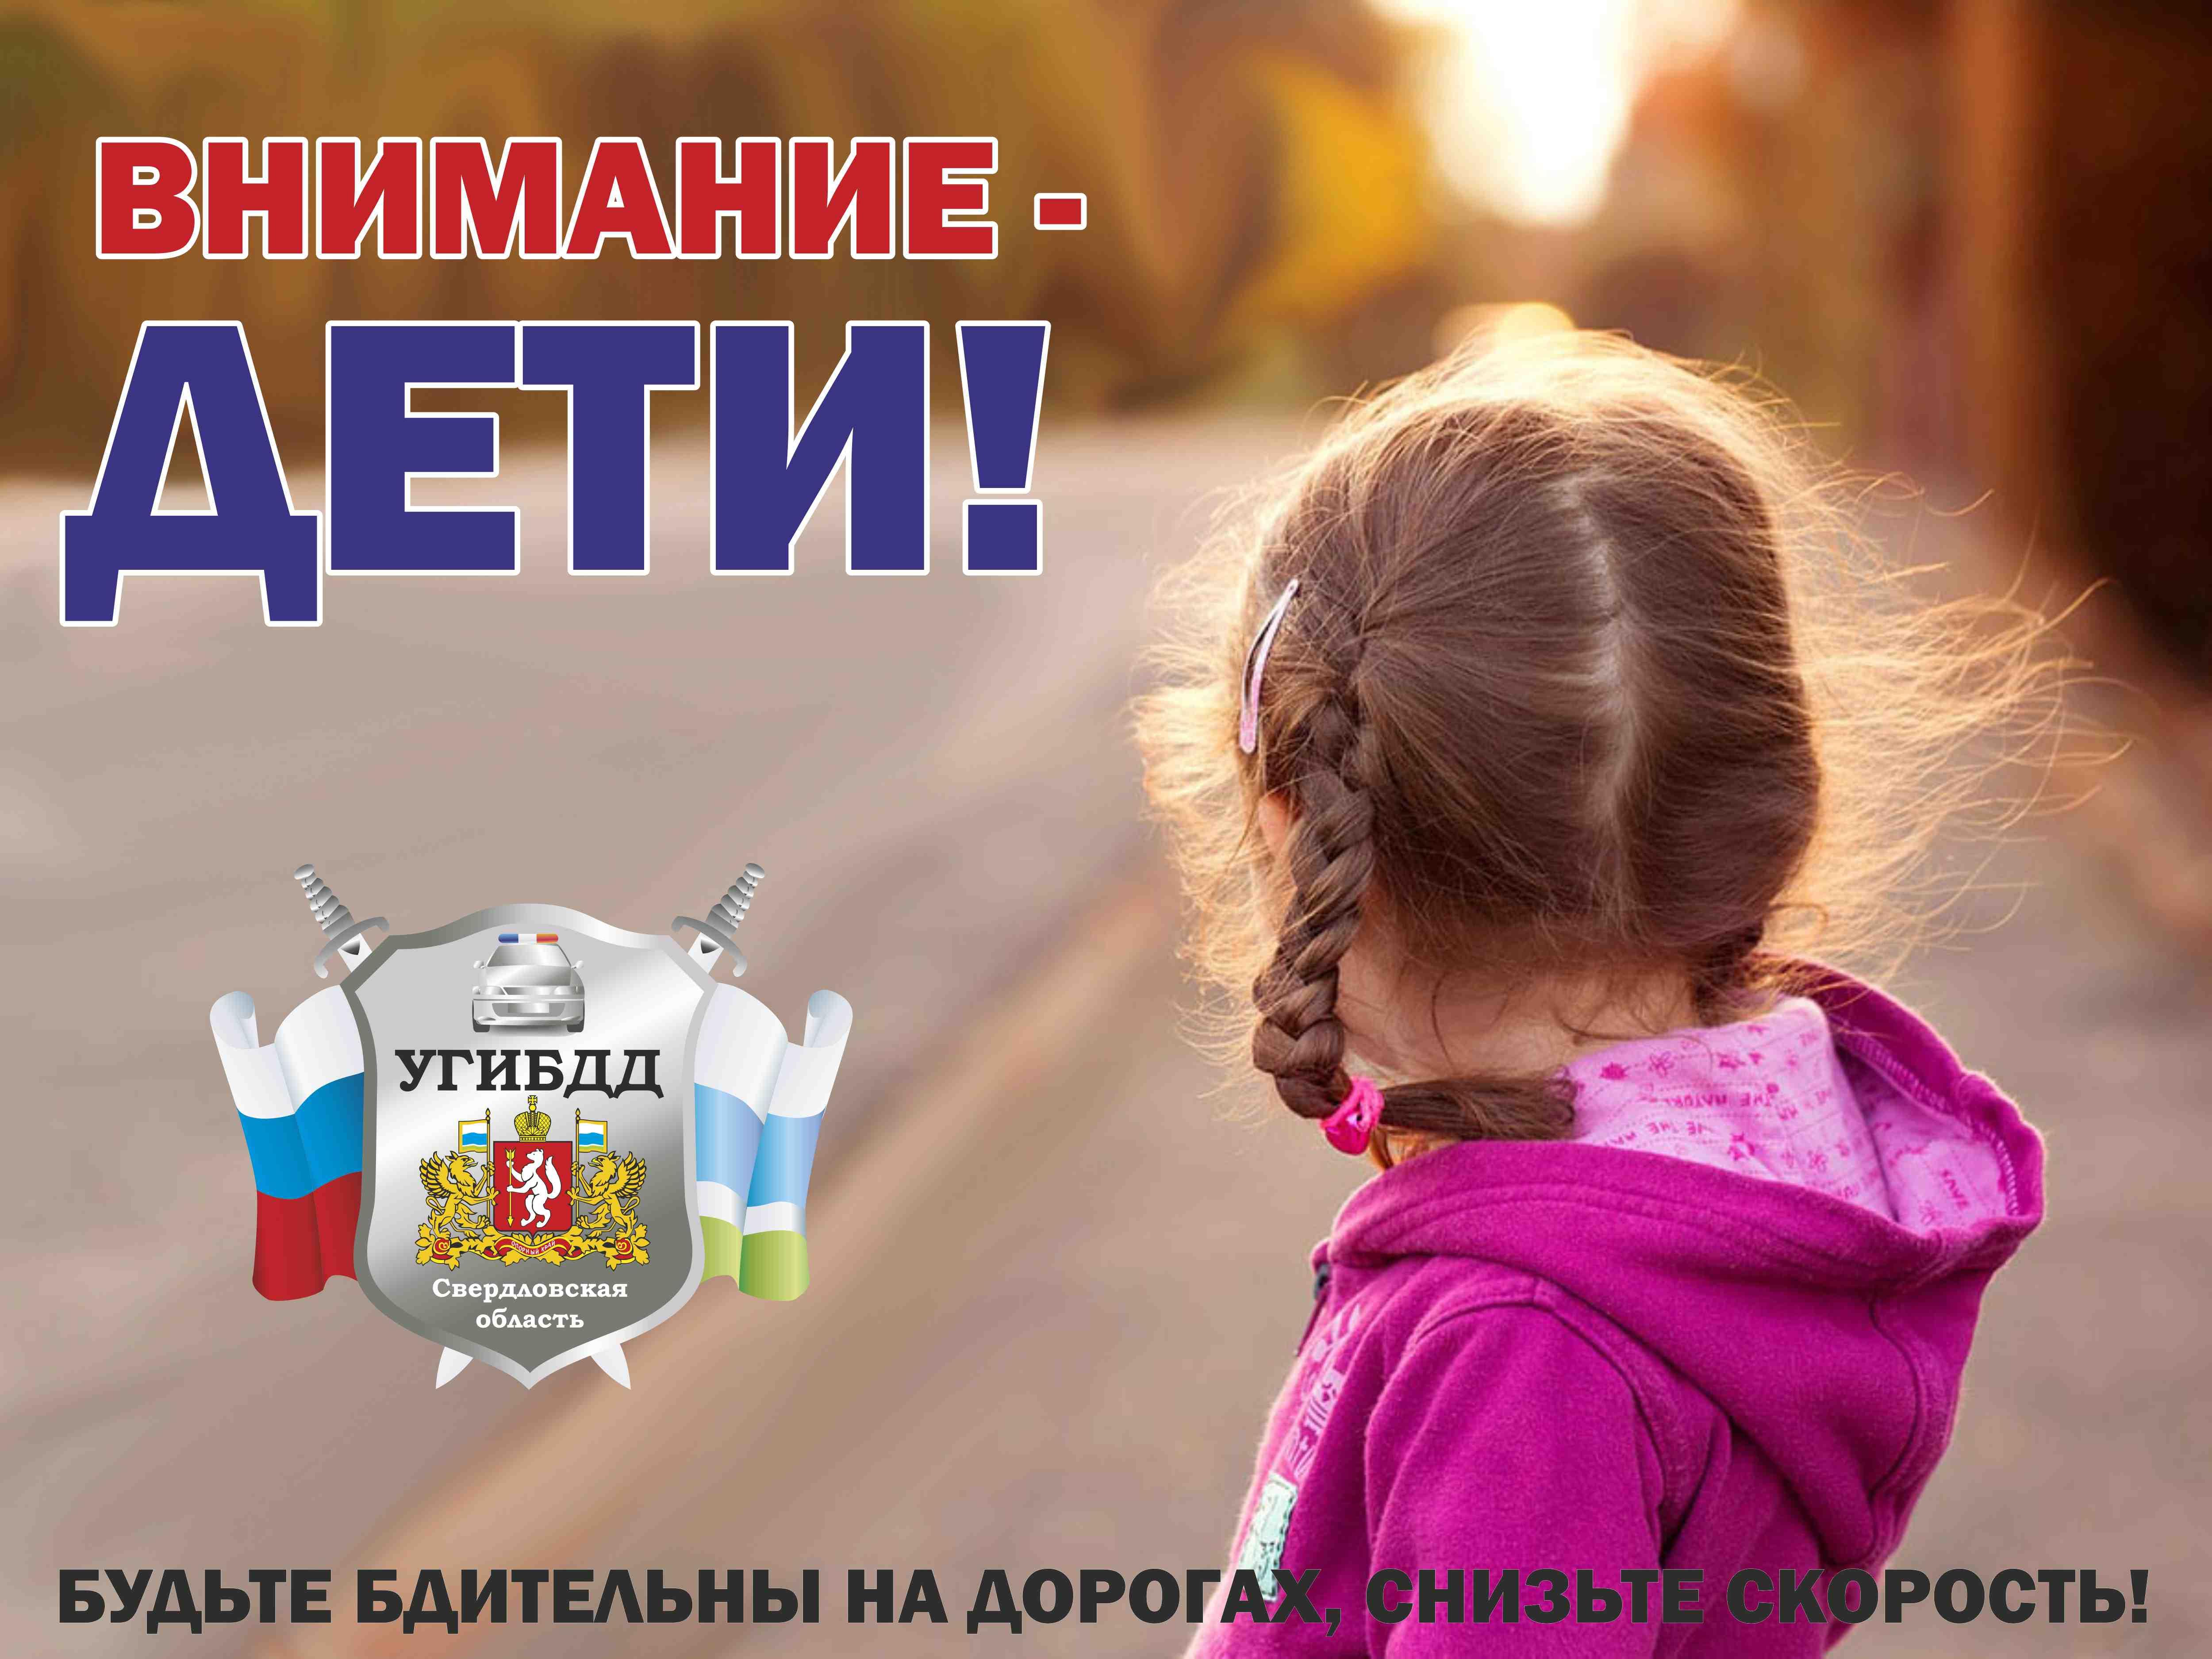 Ежегодная широкомасштабная профилактическая акция «Внимание, дети!», пройдет с 26 августа по 15 сентября